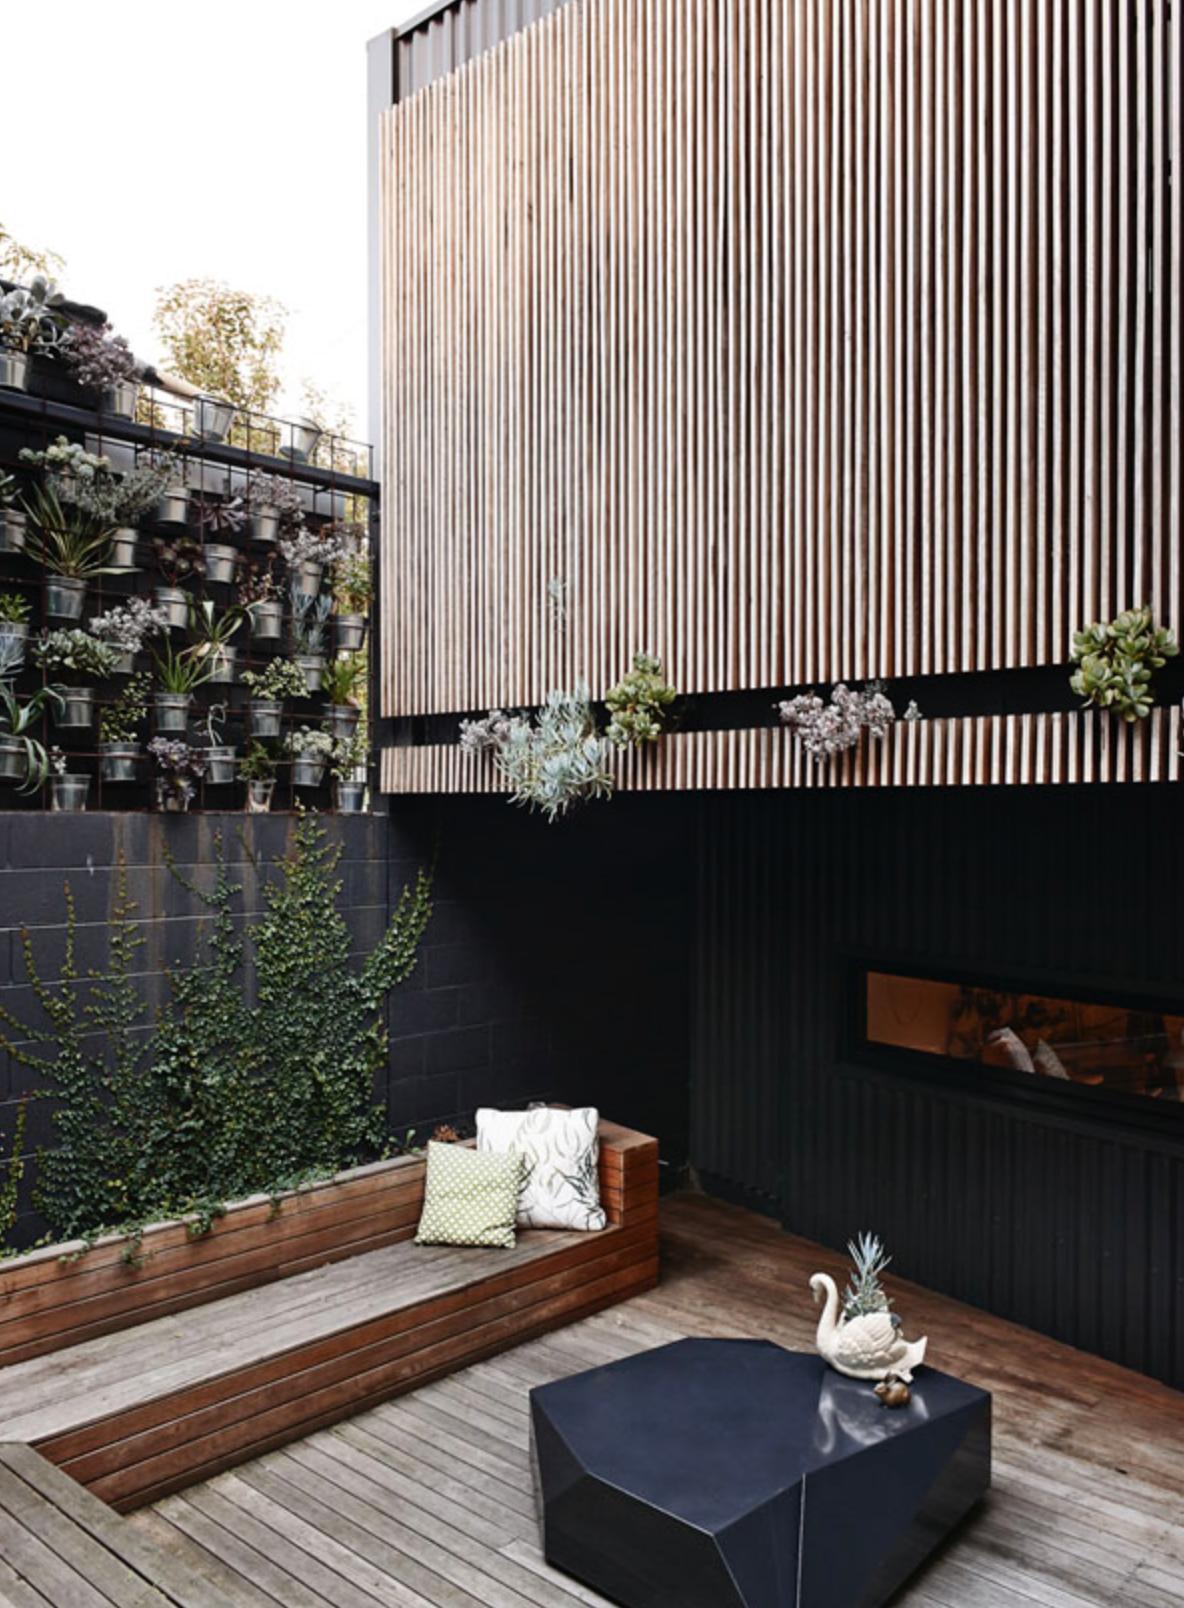 Home design exterieur und interieur bardage  jardinière  e x t e r i e u r  pinterest  architecture